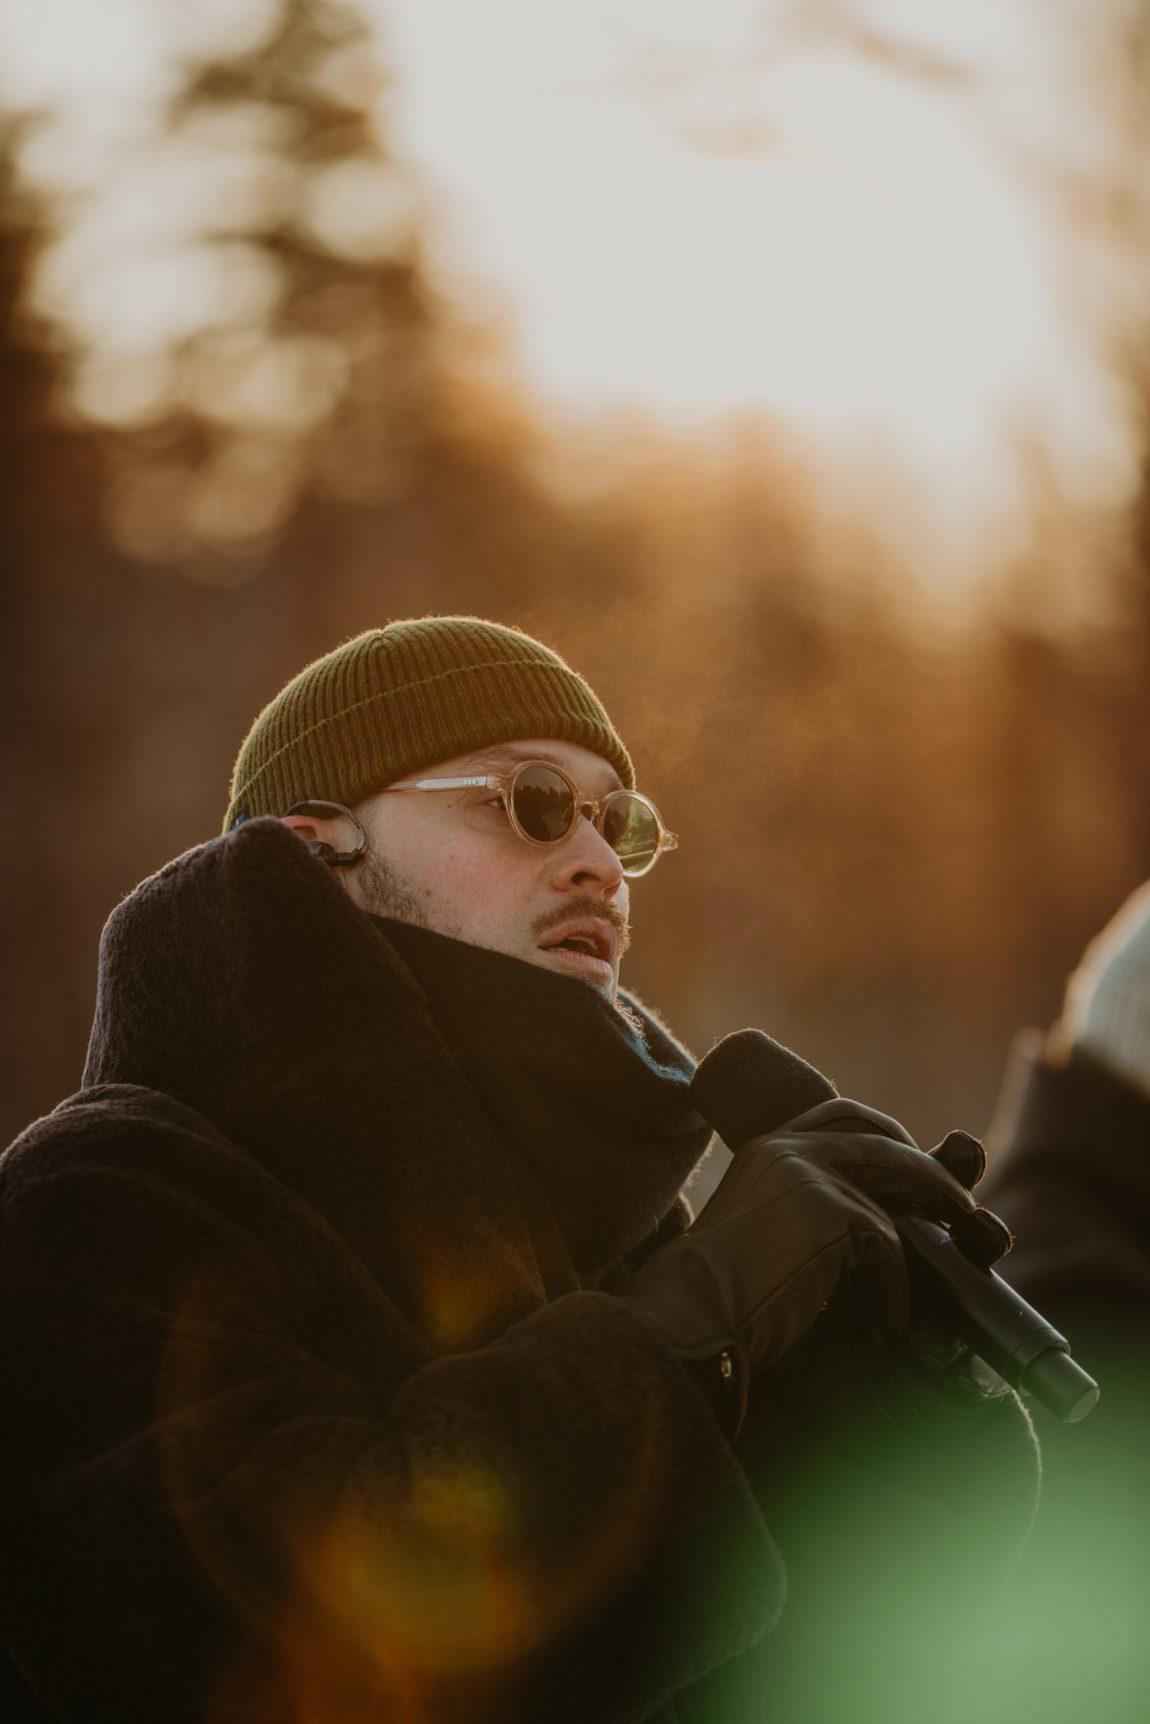 Nært av Stig Brenner som synger i skogen. Man ser ham i profil der han holder mikrofonen foran ansiktet. Han har trukket jakka godt oppunder haka og har skinnhansker på. På hodet har han en mørkegrønn lue og et par runde solbriller dekker øynene hans.